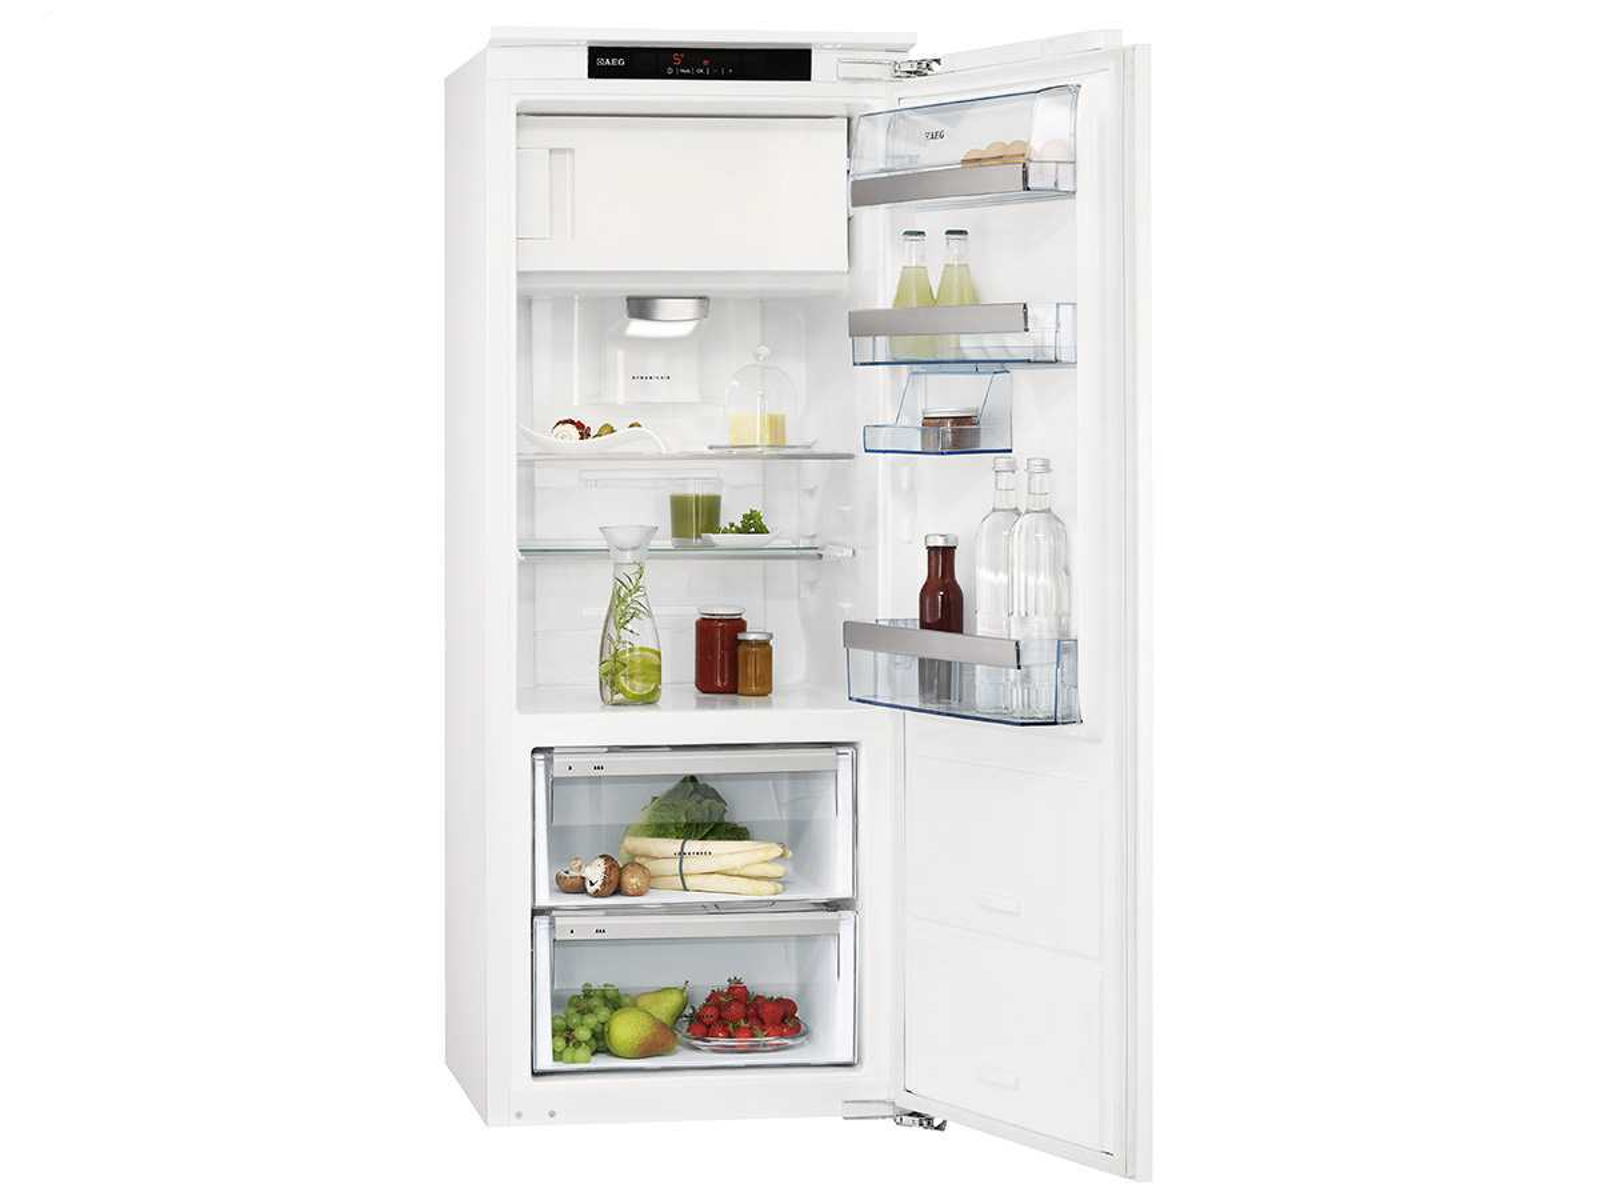 Aeg Kühlschrank Einbau : Aeg skz c einbaukühlschrank